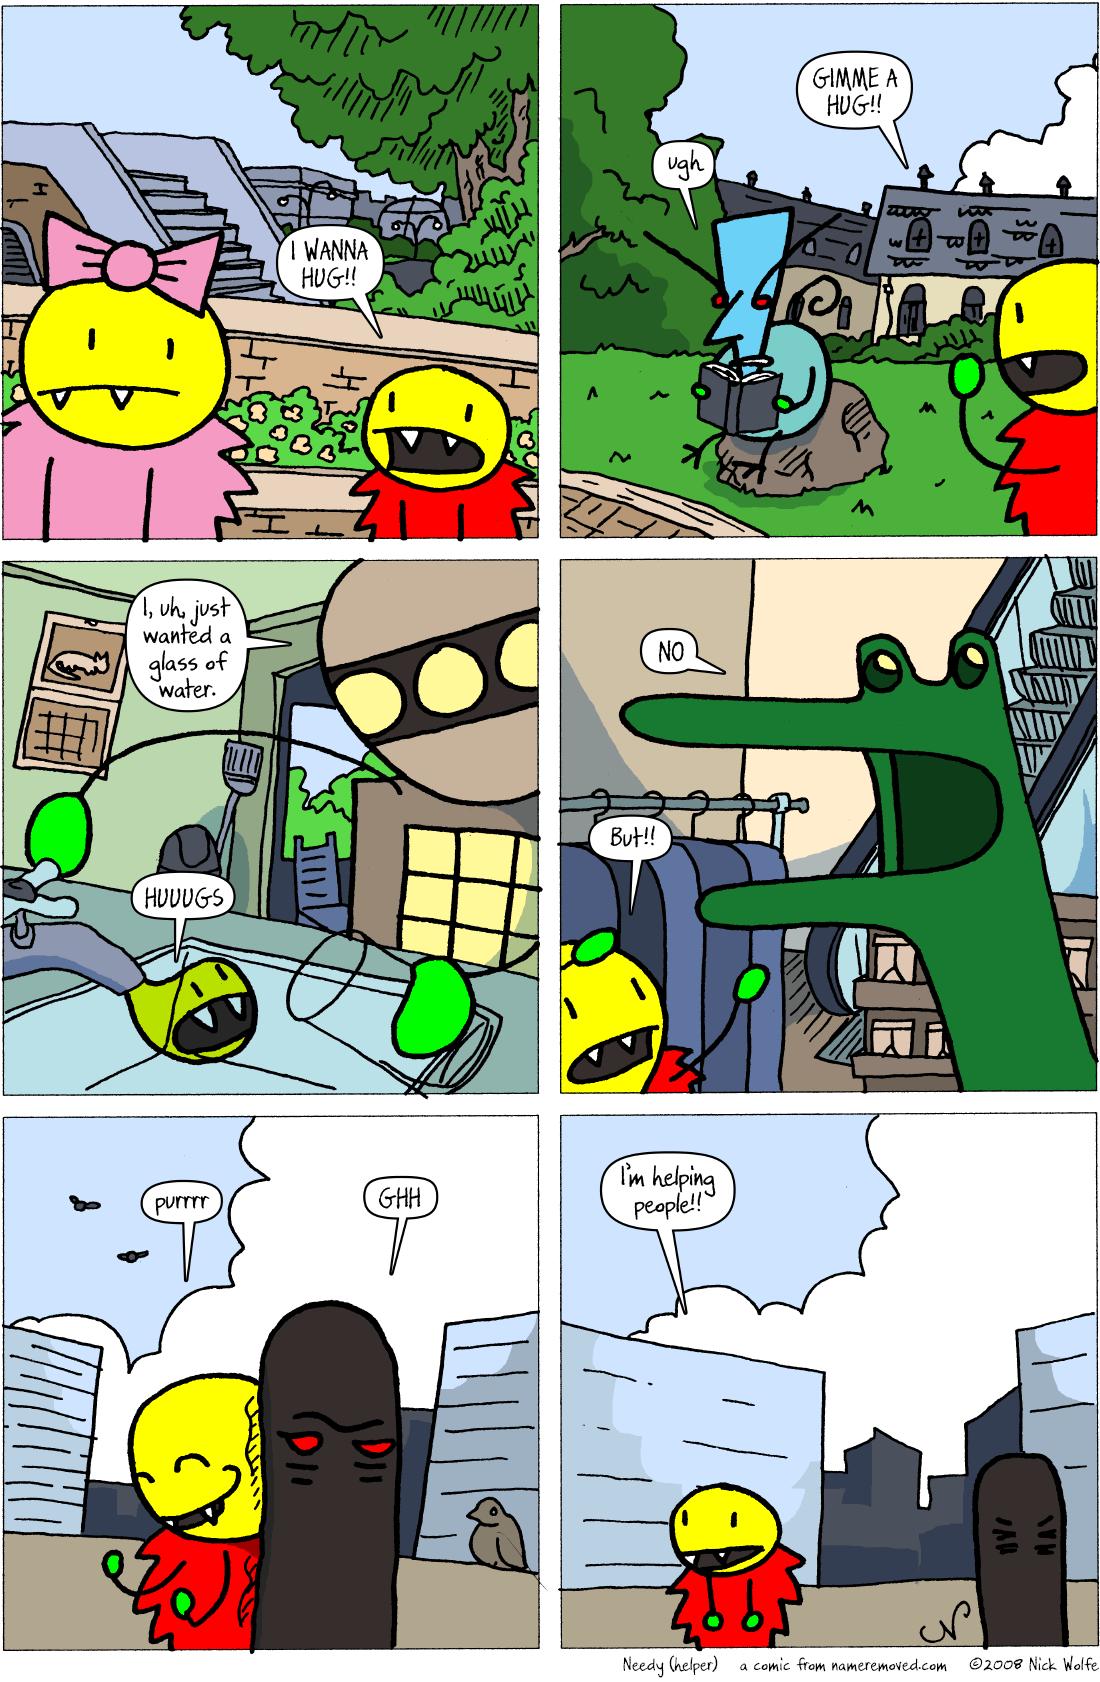 Needy (helper)